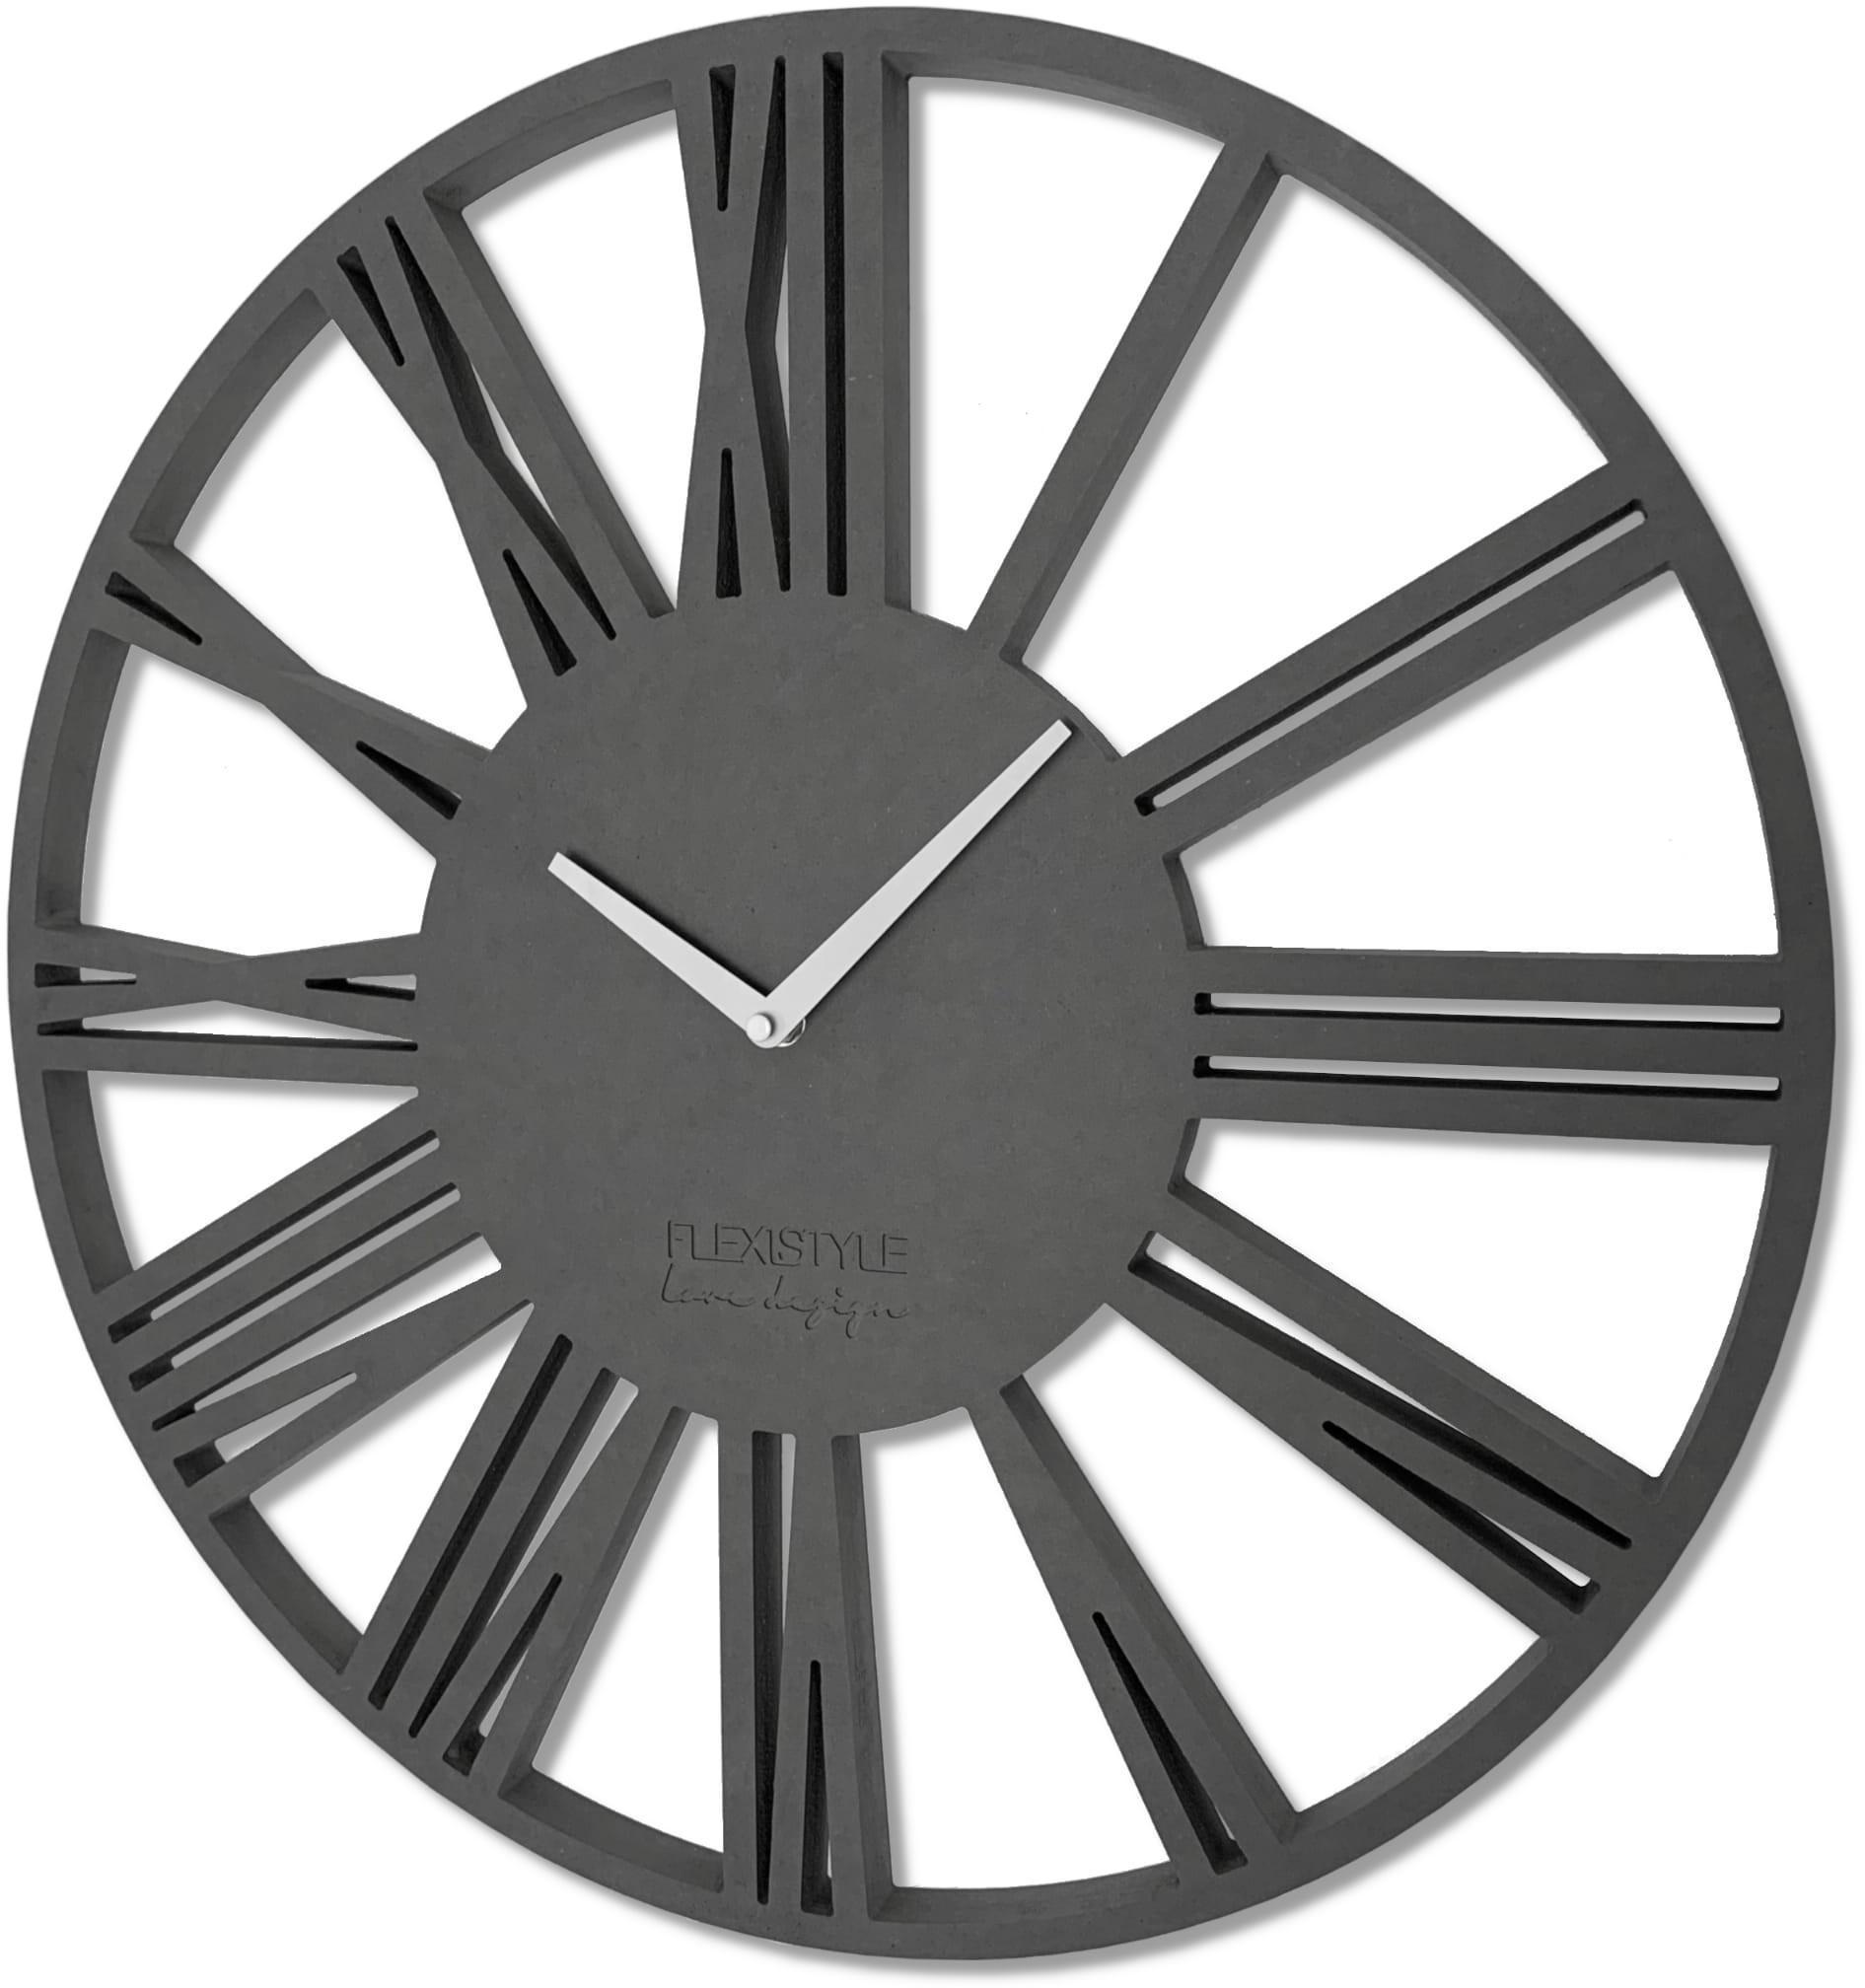 DomTextilu Veľké nástenné hodiny z dreva s rímskymi číslicami 16611